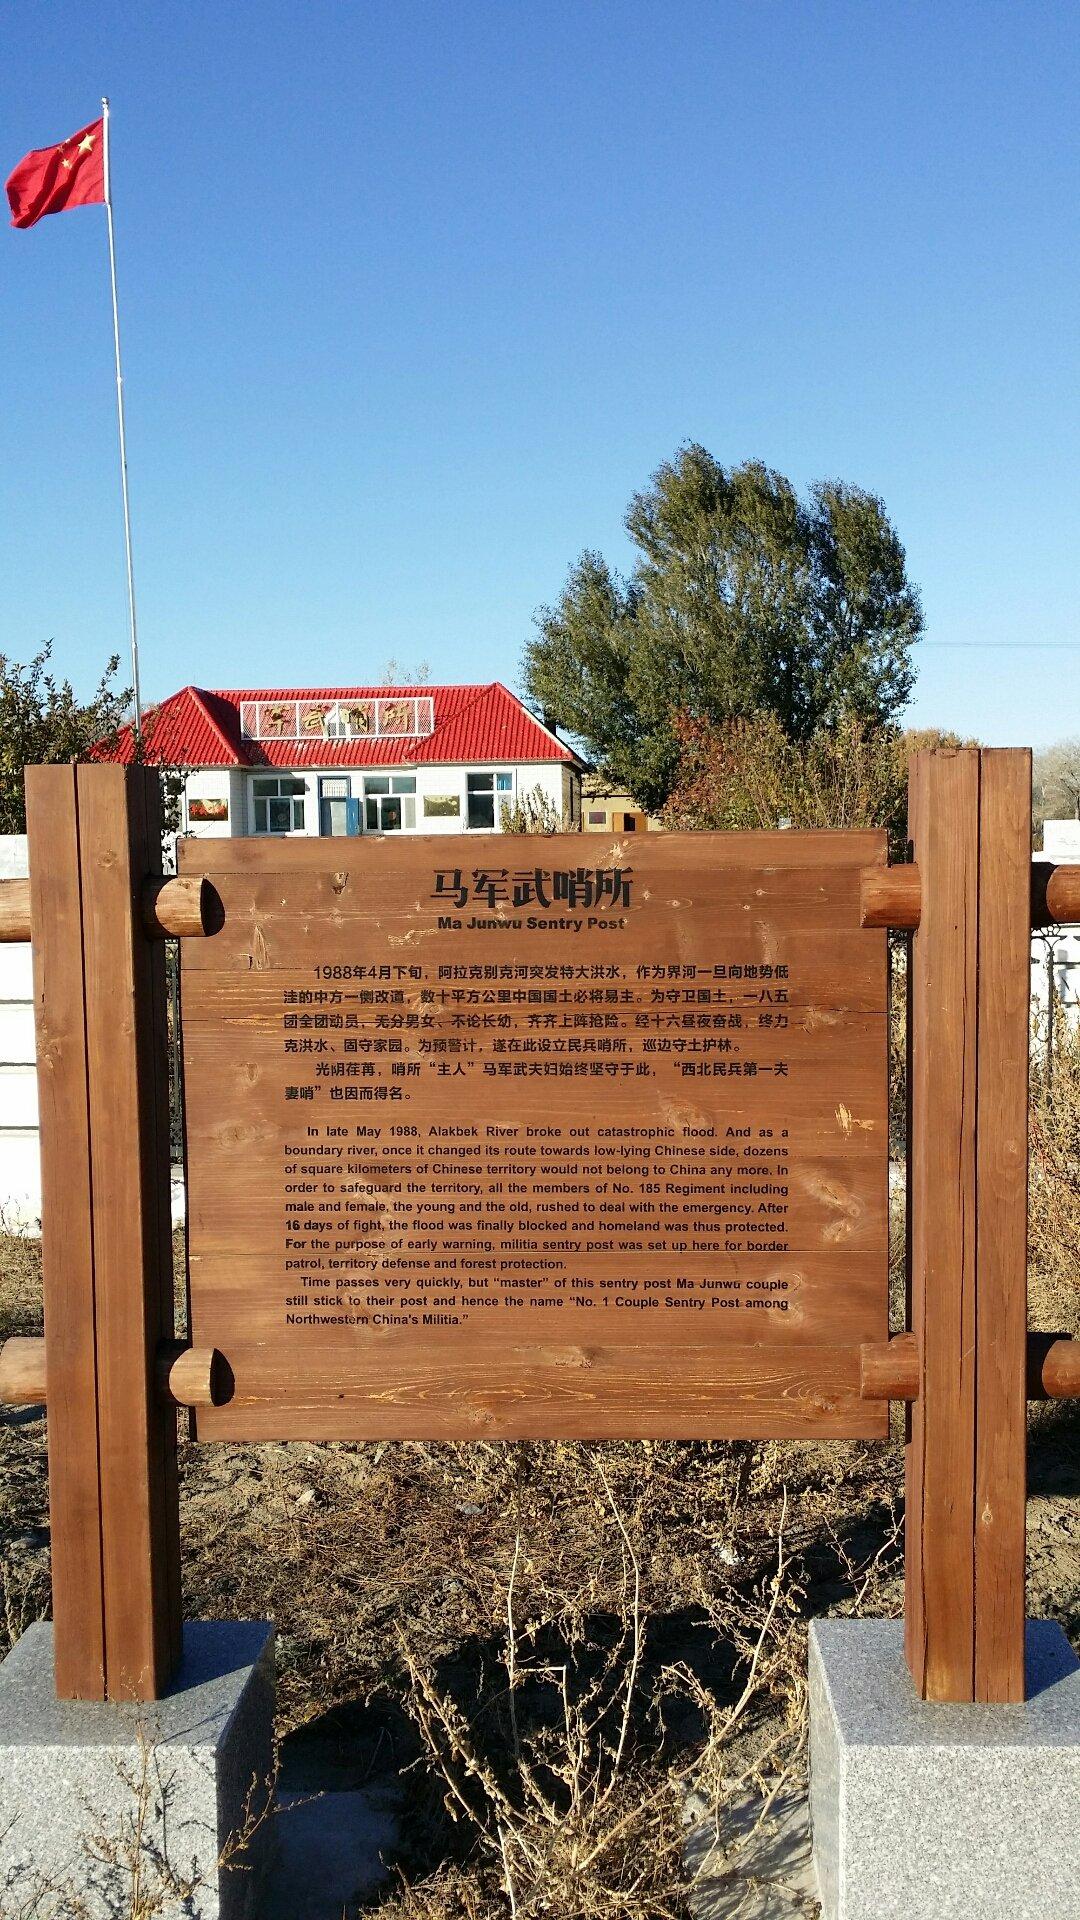 新疆维吾尔自治区阿勒泰地区哈巴河县友谊路靠近紫金大酒店天气预报